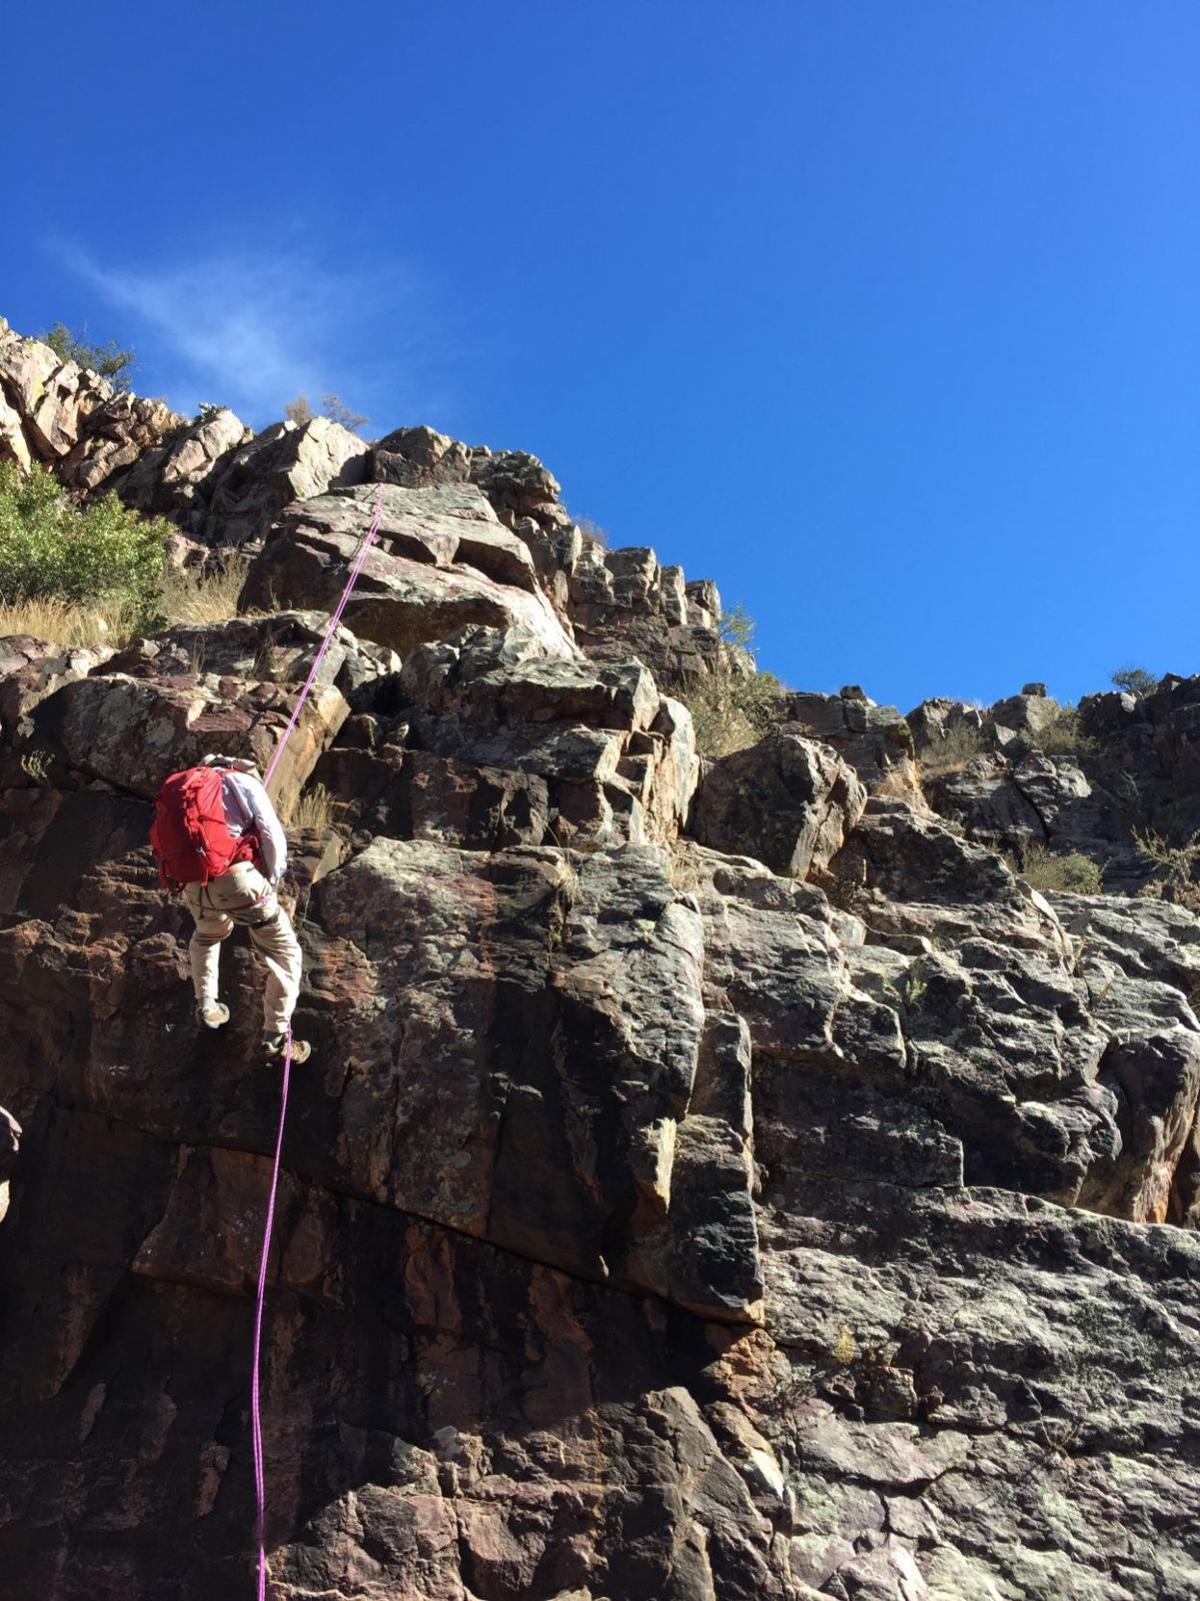 Joe Schmidt repels down a rock by Andrew Fiala